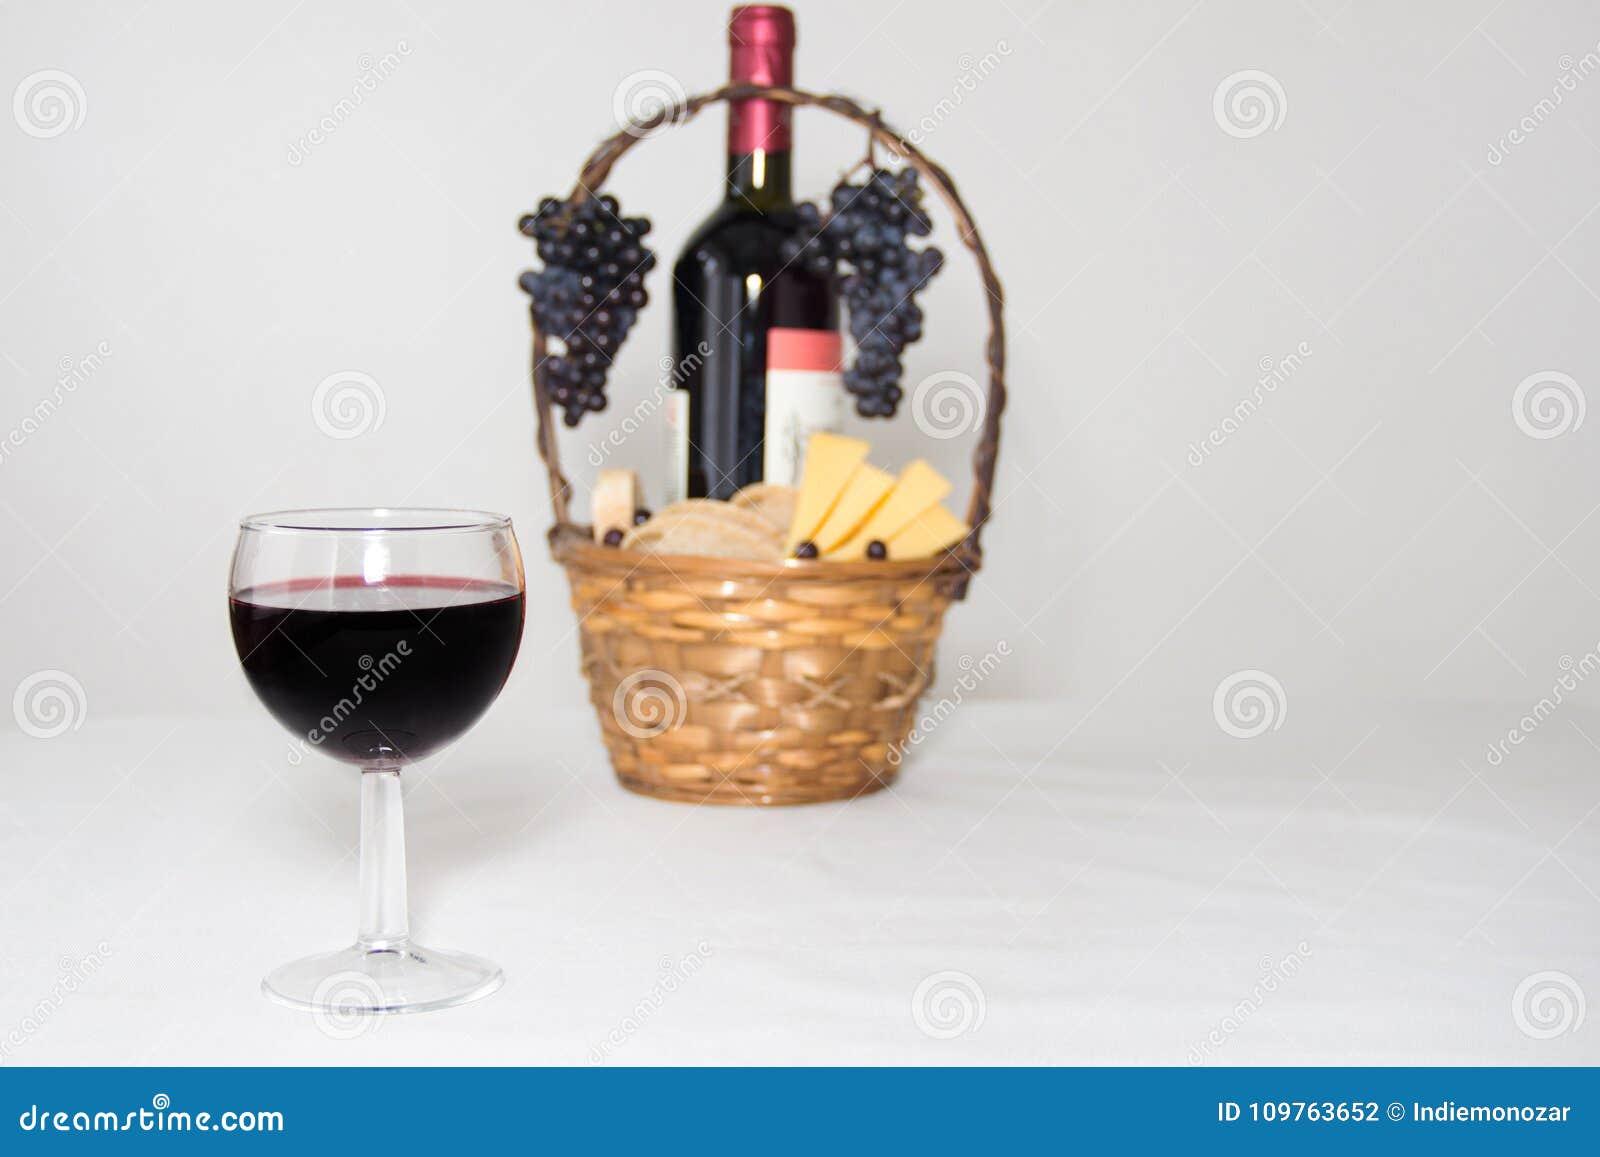 Imagem abstrata de um vidro do vinho Uma garrafa do vinho tinto, das uvas e da cesta do piquenique com fatias do queijo no fundo